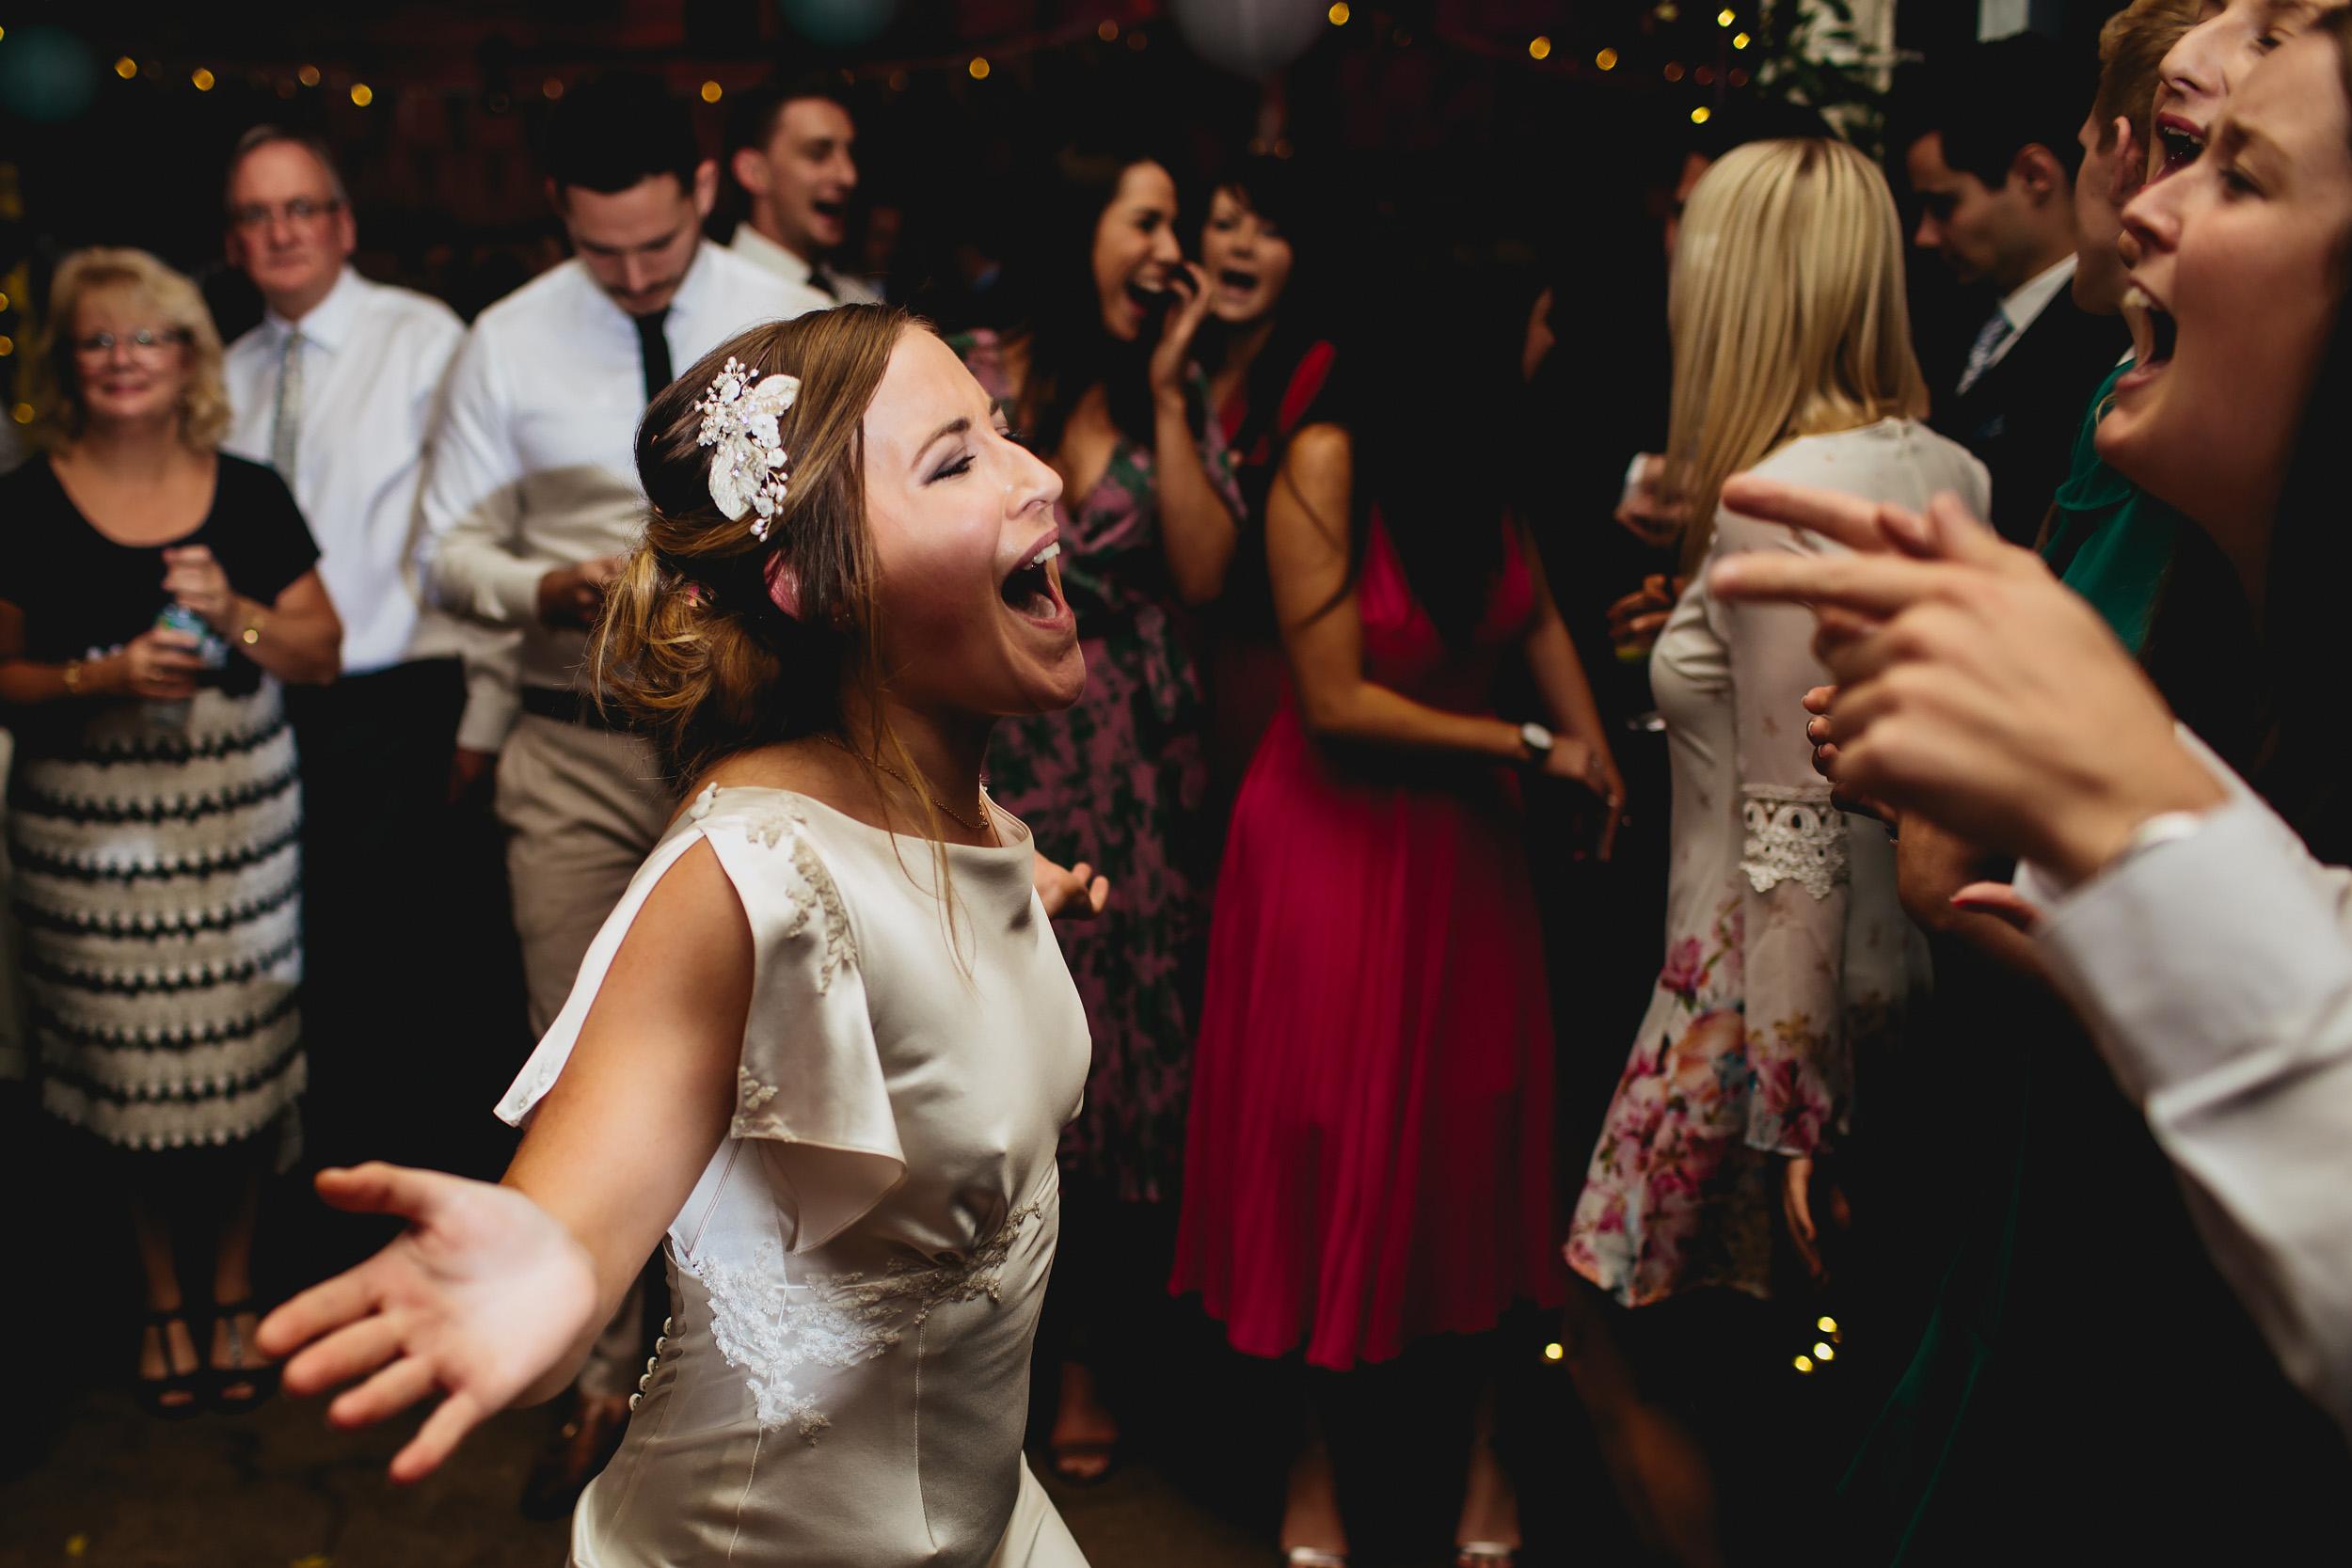 Bride dancing at her wedding at Sunny Bank Mills